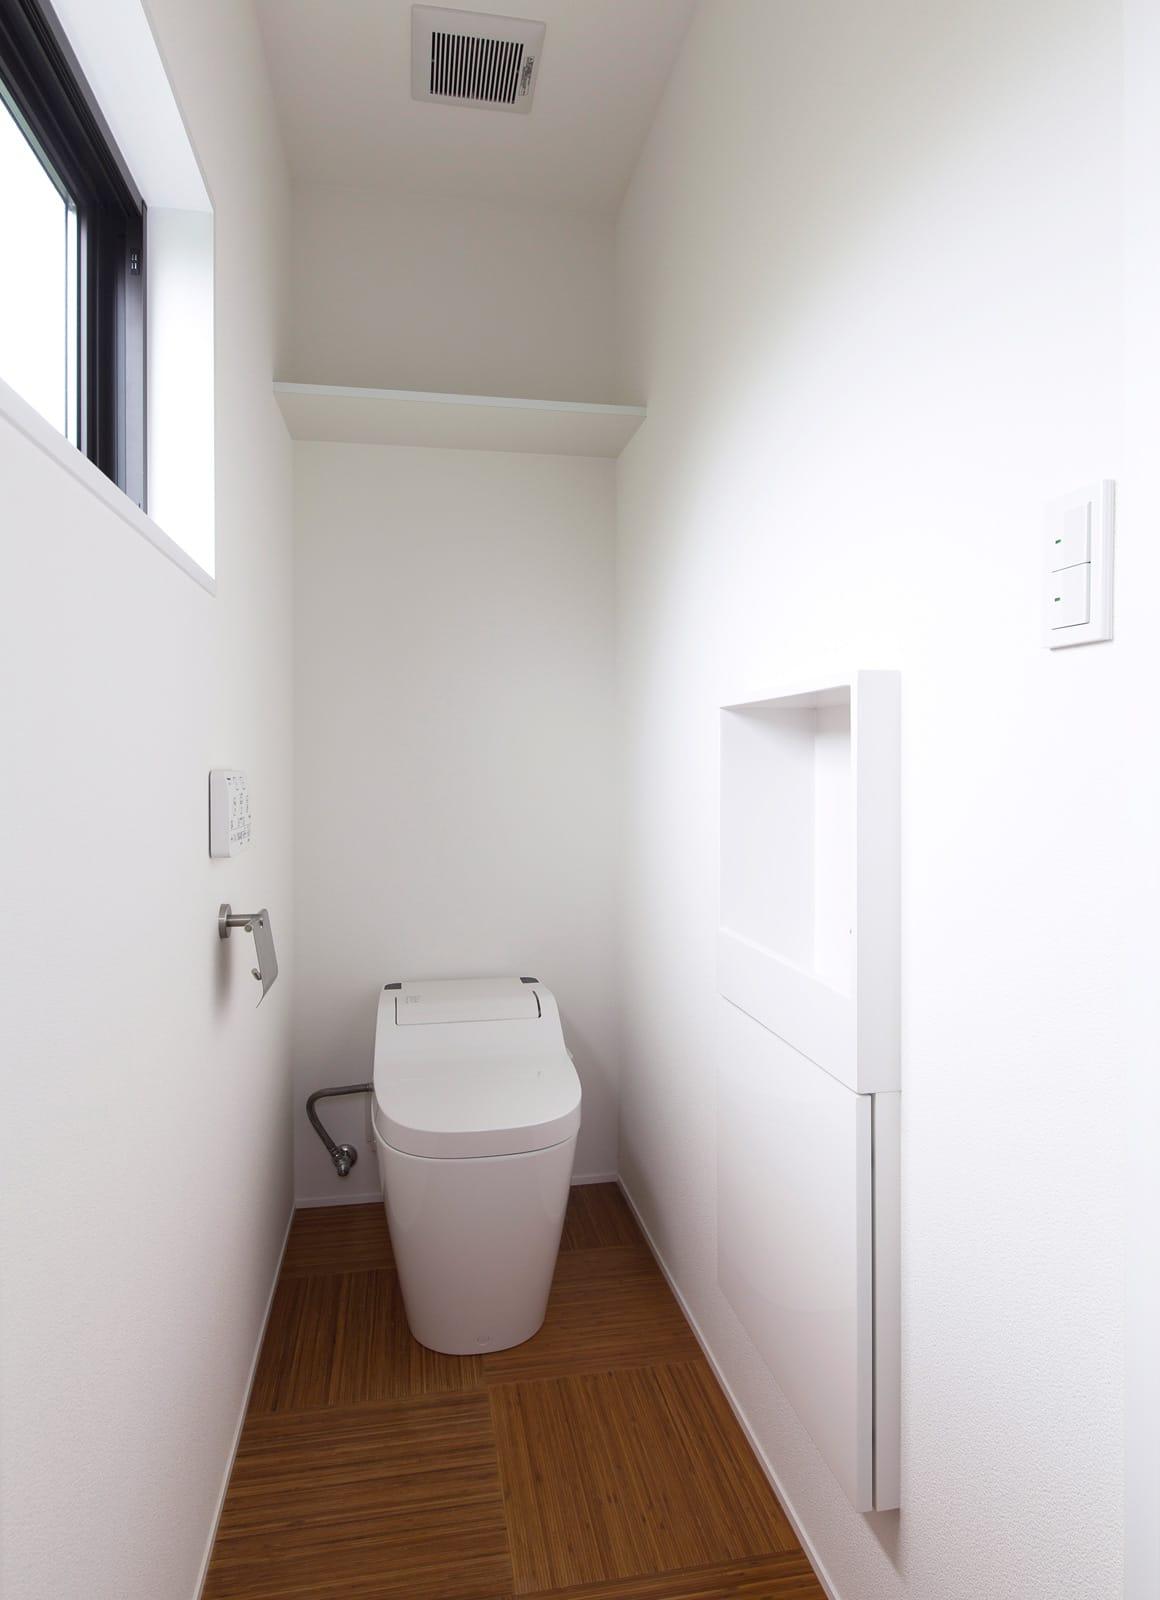 アウトドアダイニングのある家のトイレ1